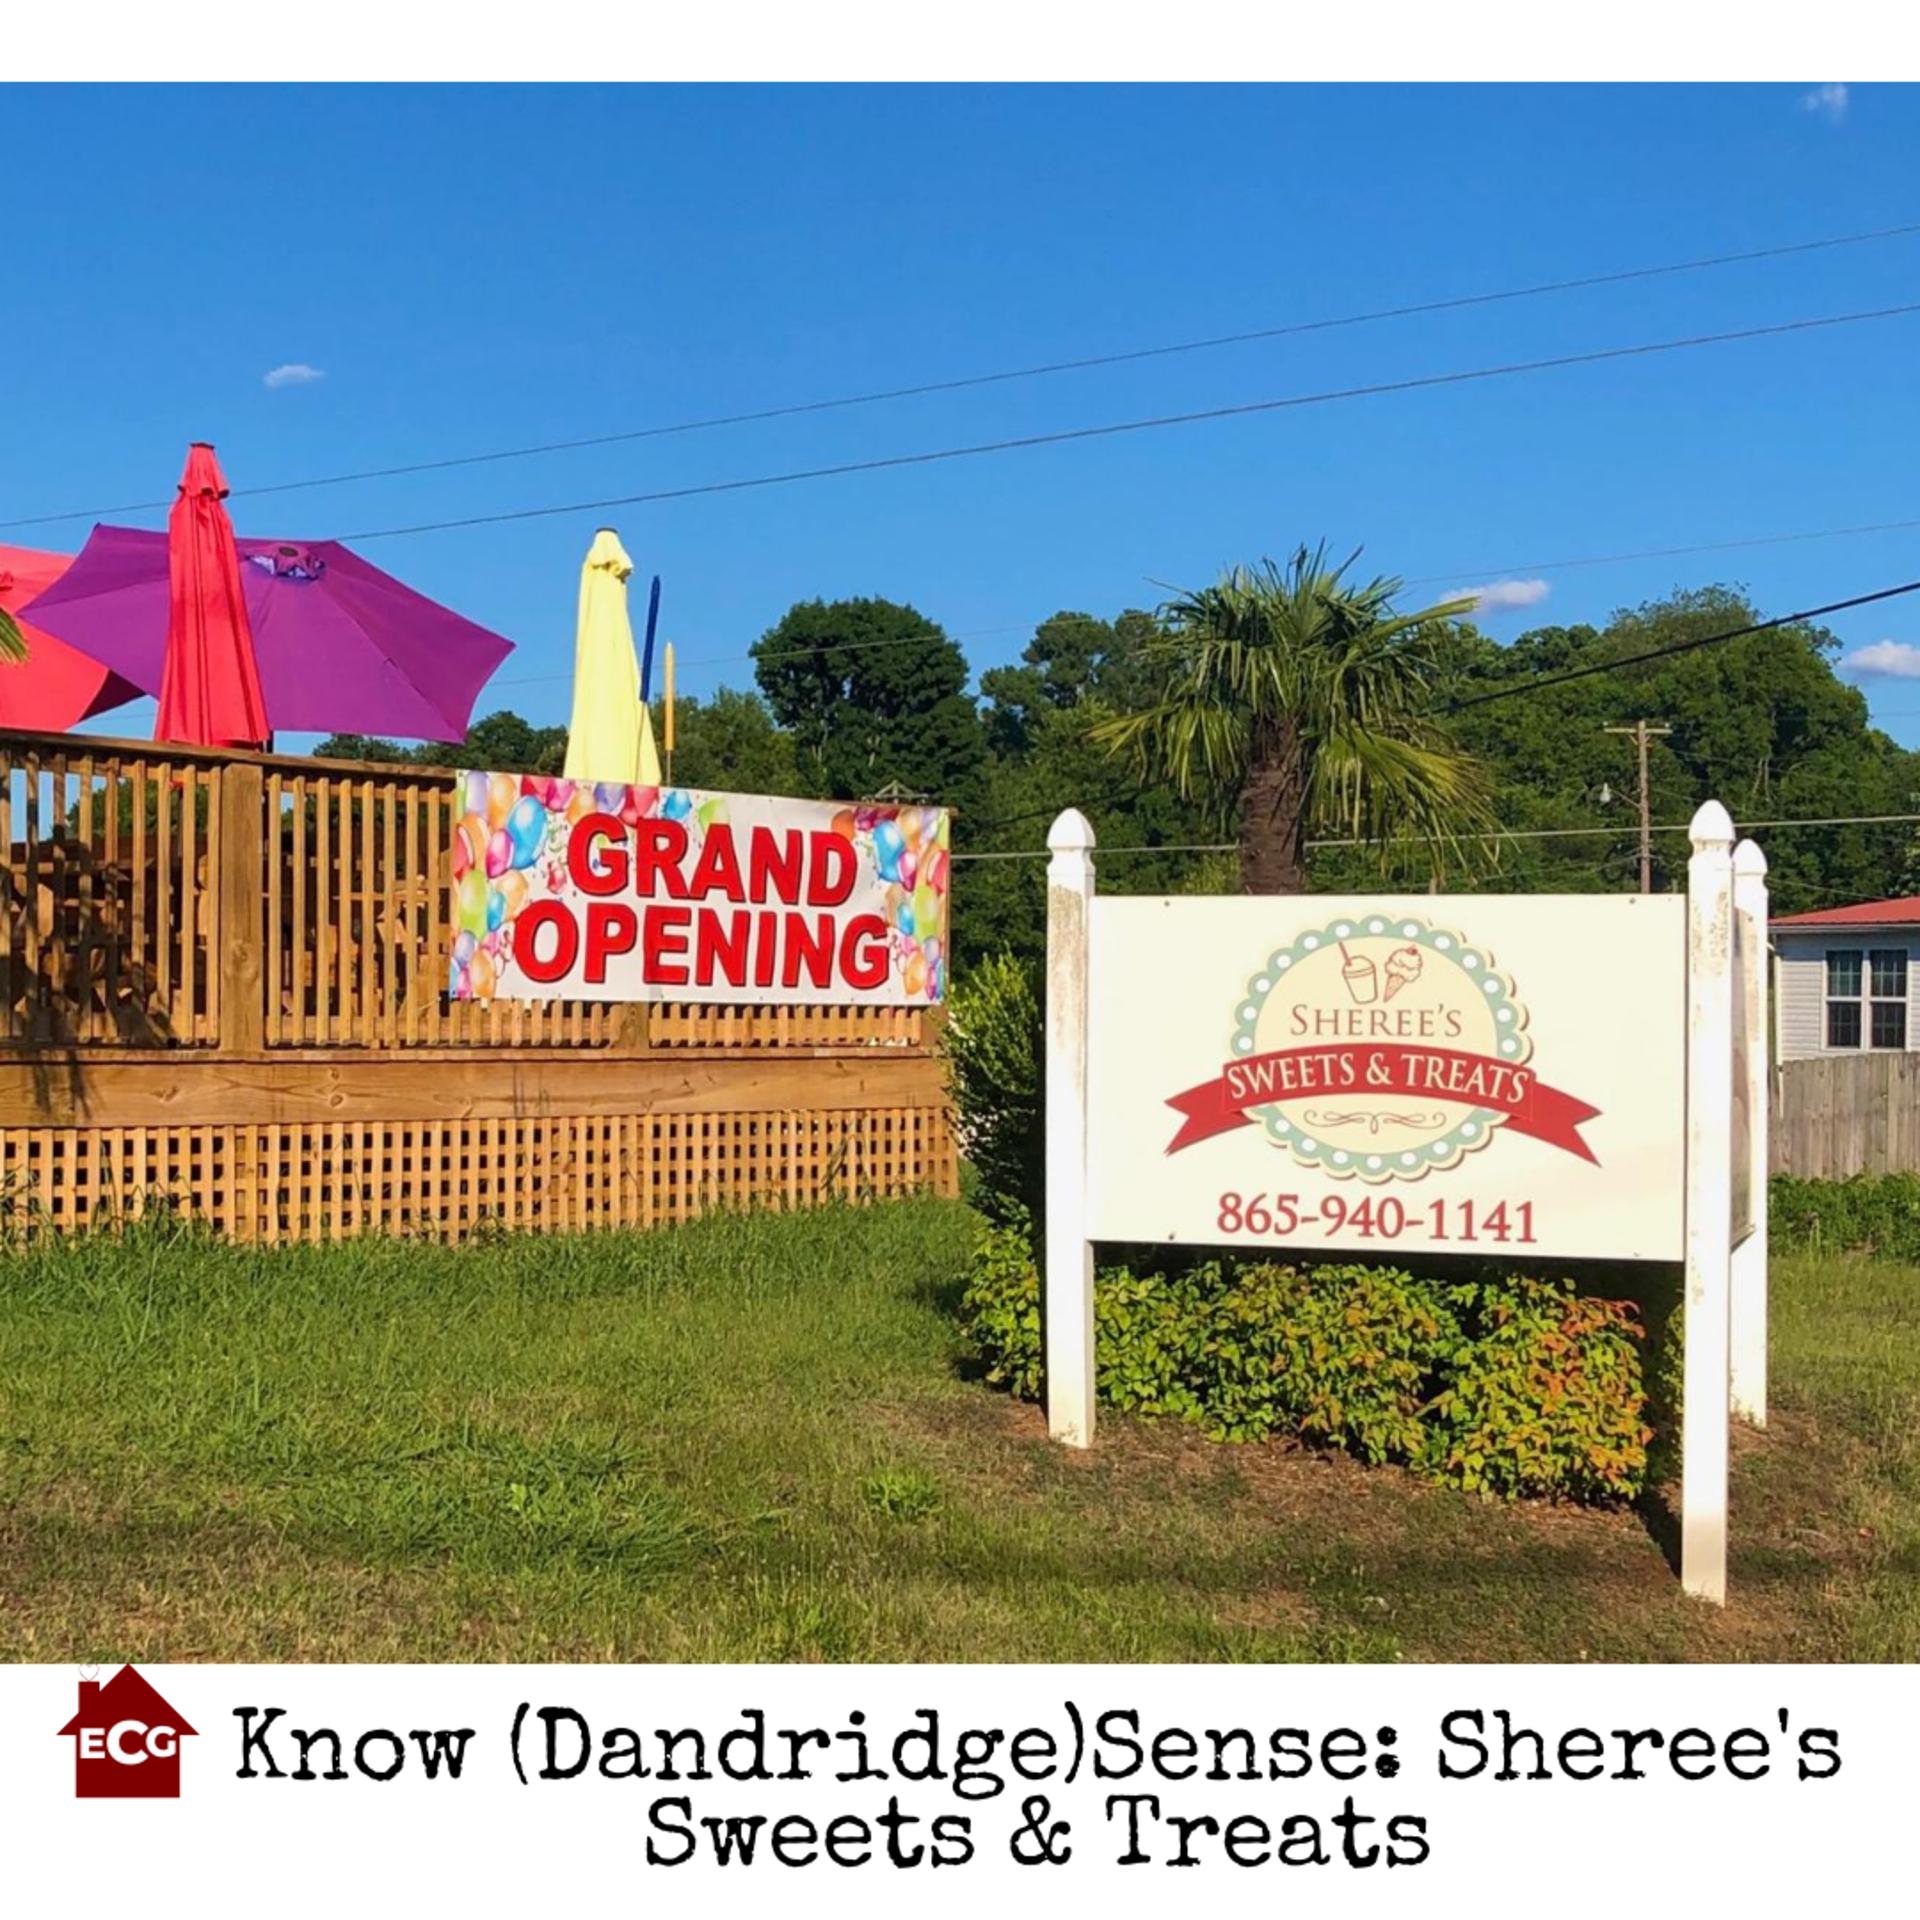 Know (Dandridge)sense: Sheree's Sweets & Treats